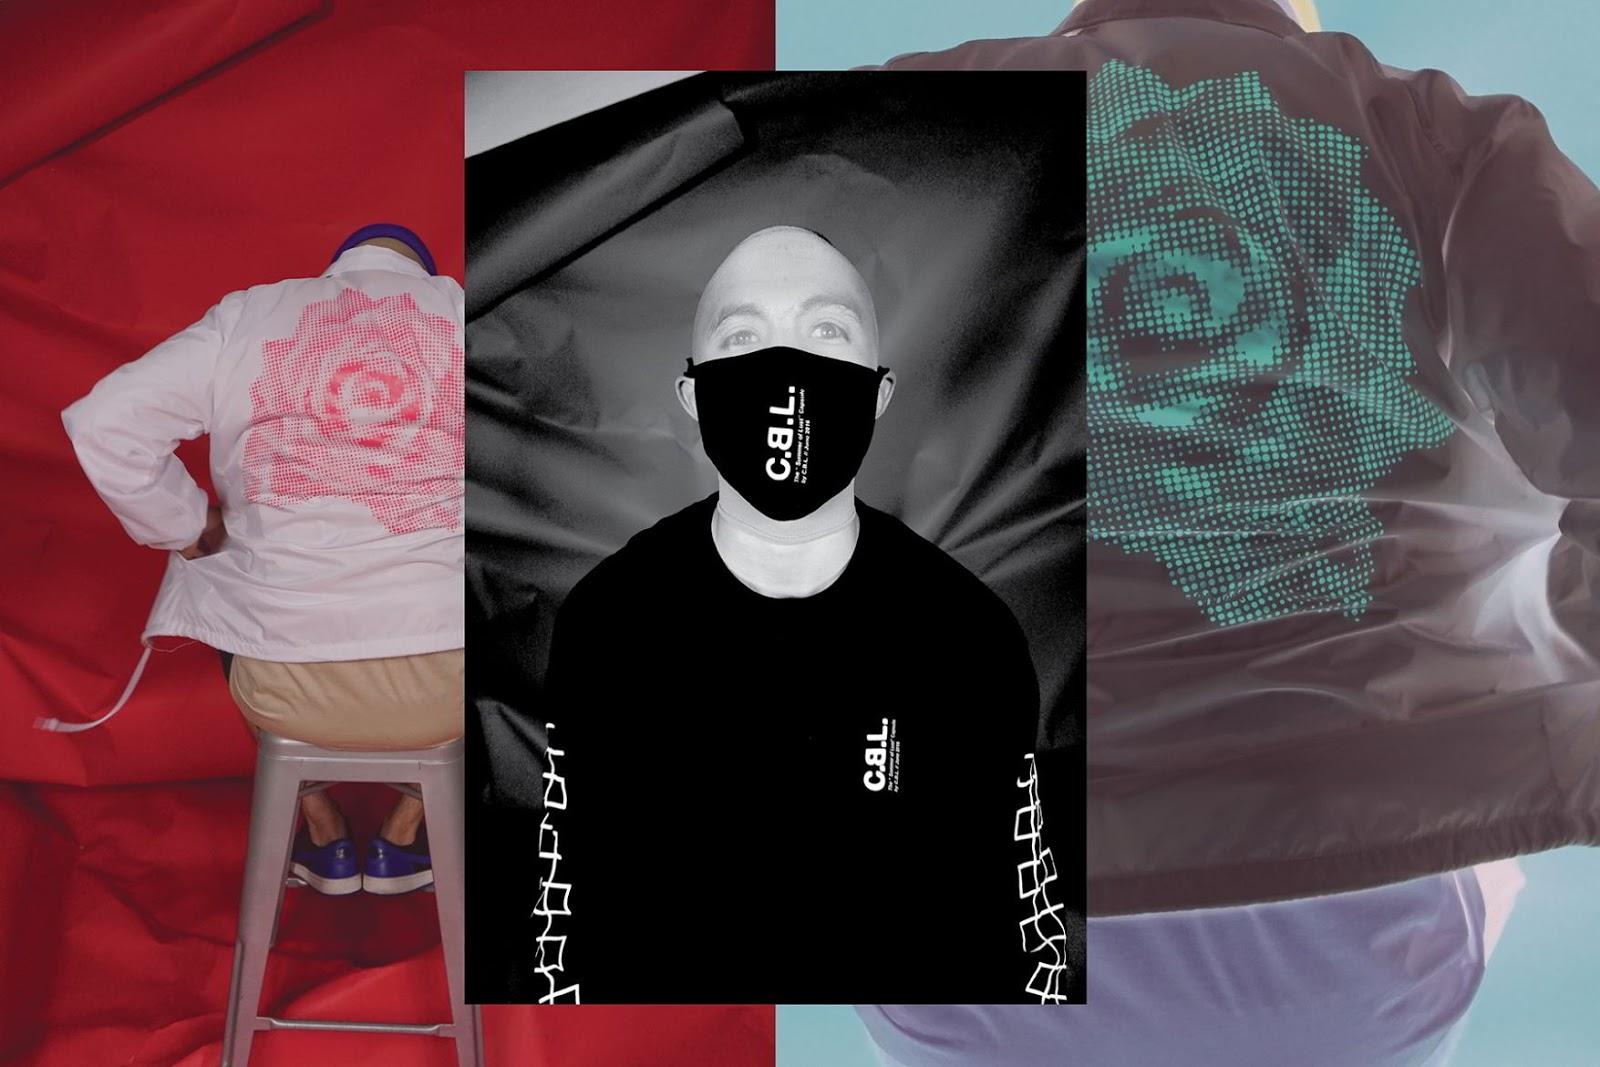 cbl summer of lust streetwear brasil 01 - Gosha Rubchinskiy e Dover Street Market lançam coleção cápsula